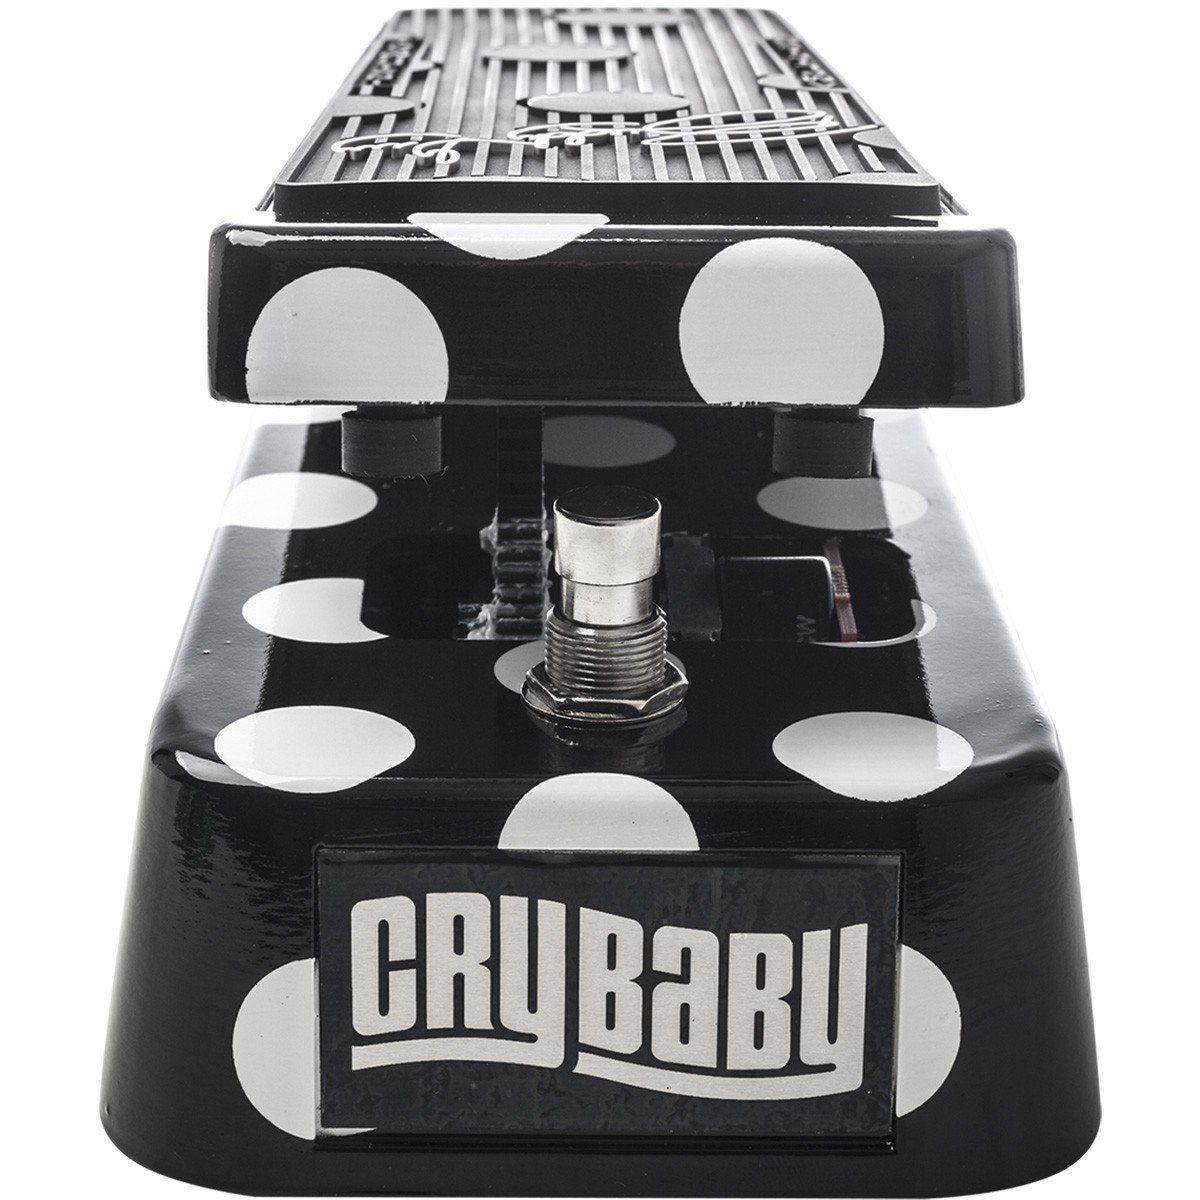 Dunlop BG95 Crybaby Pedaleira de Efeitos Pedal para Guitarra assinado por Buddy Guy